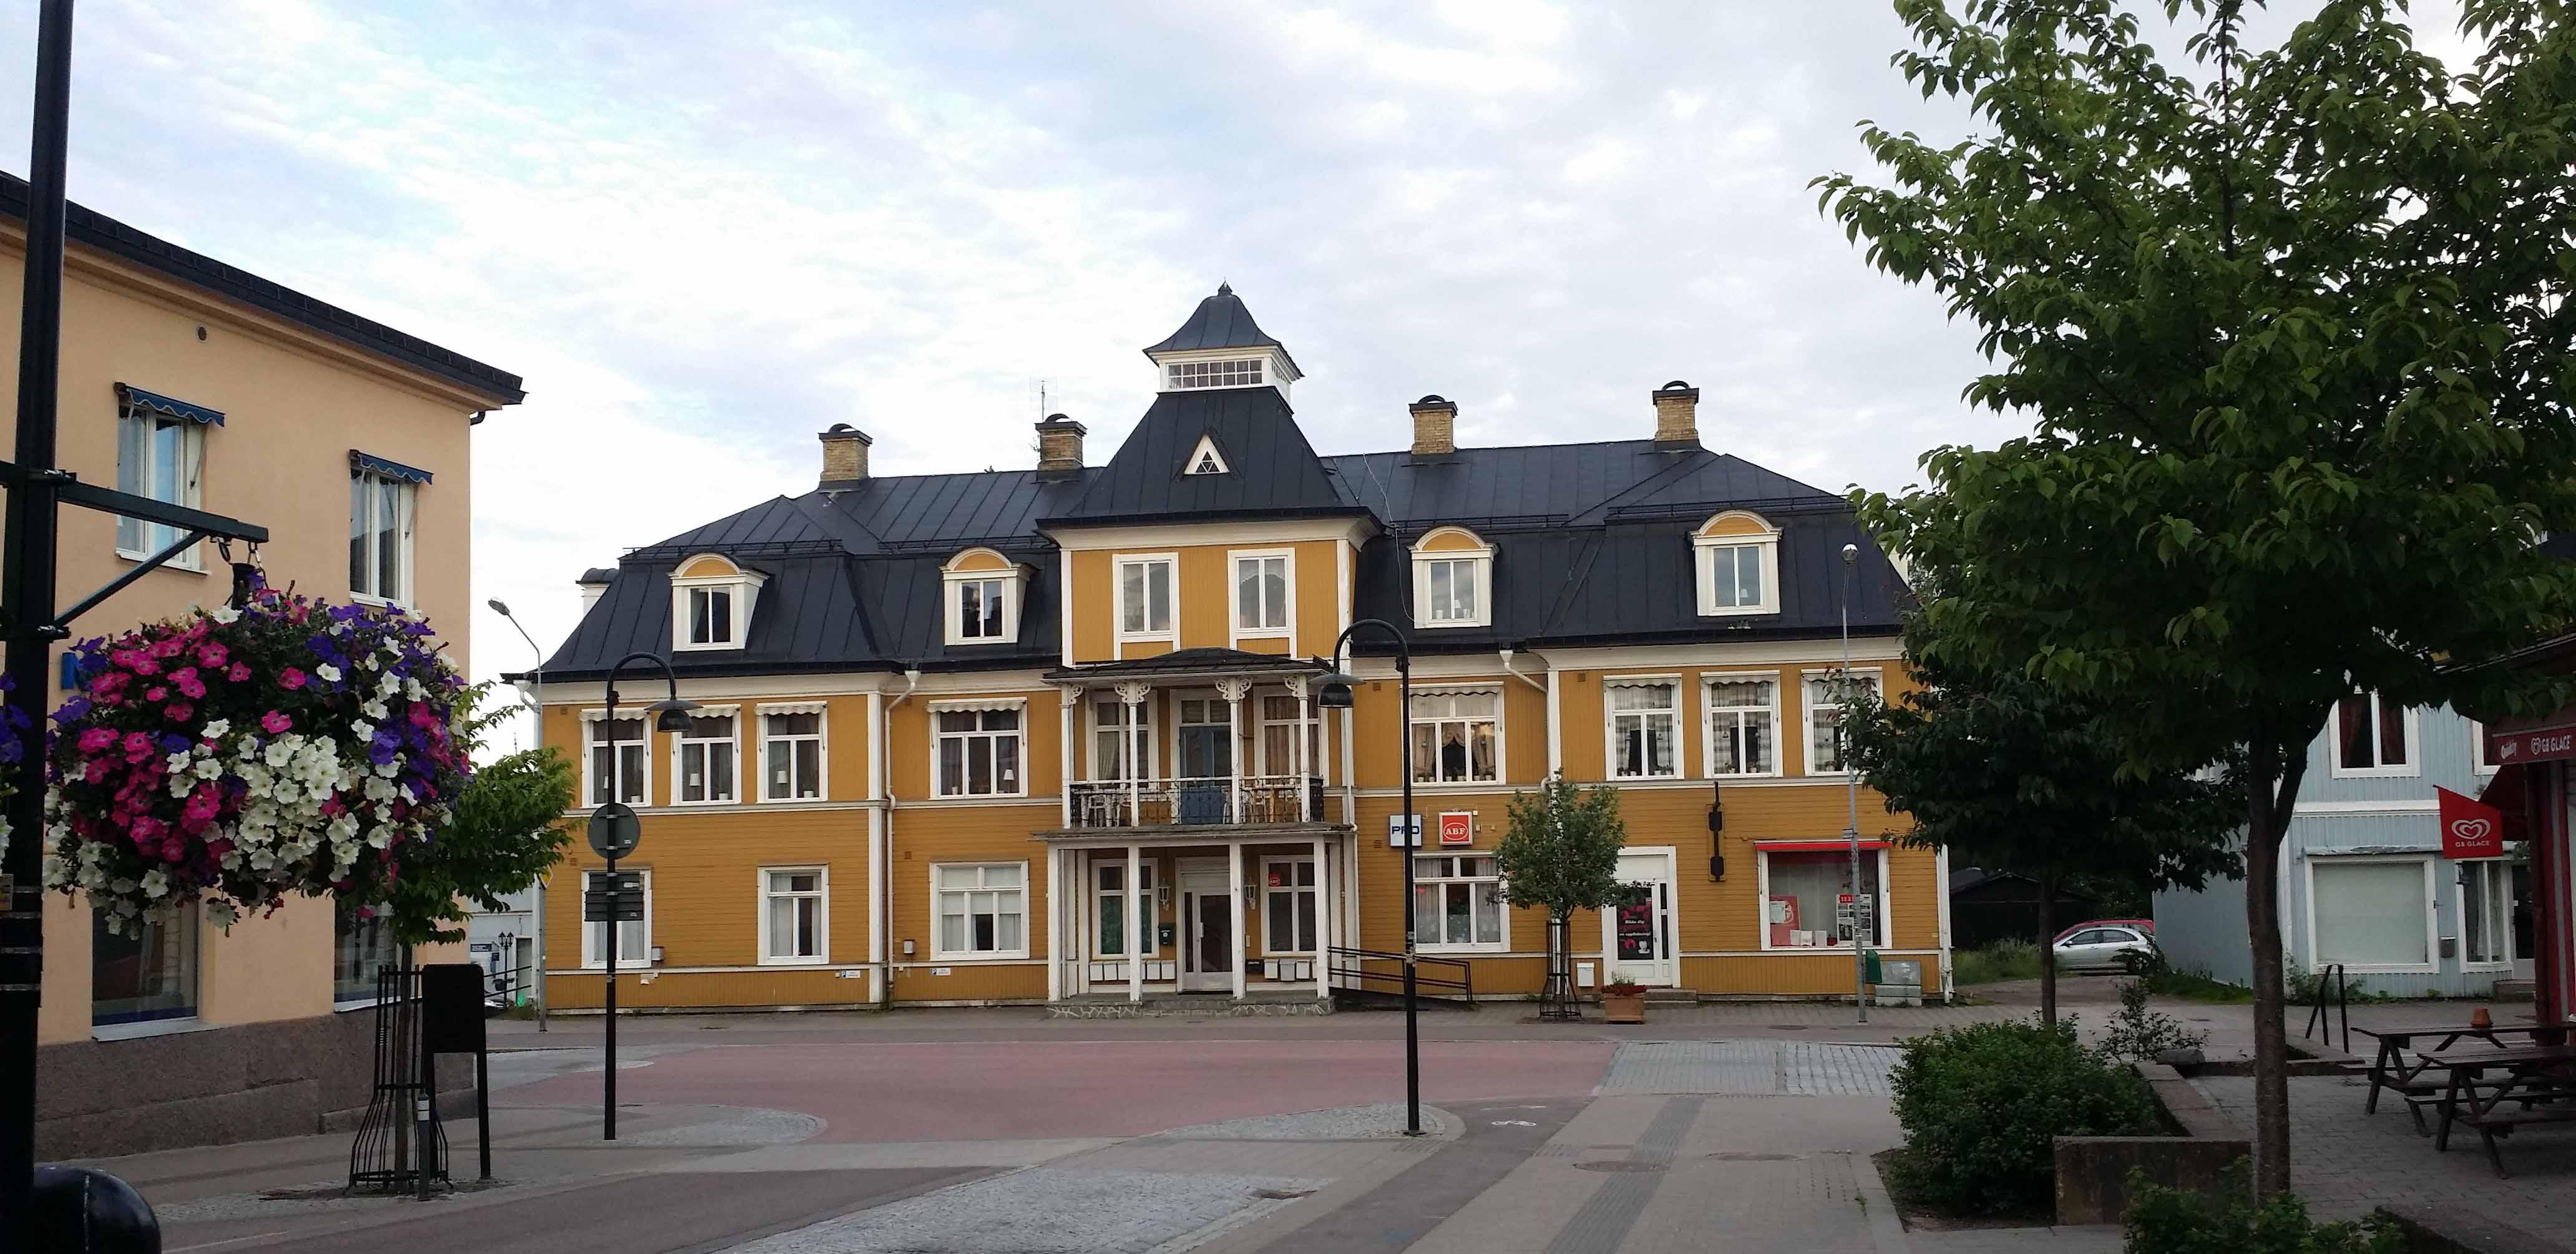 Hotellet grannsbyggnad vi torget.